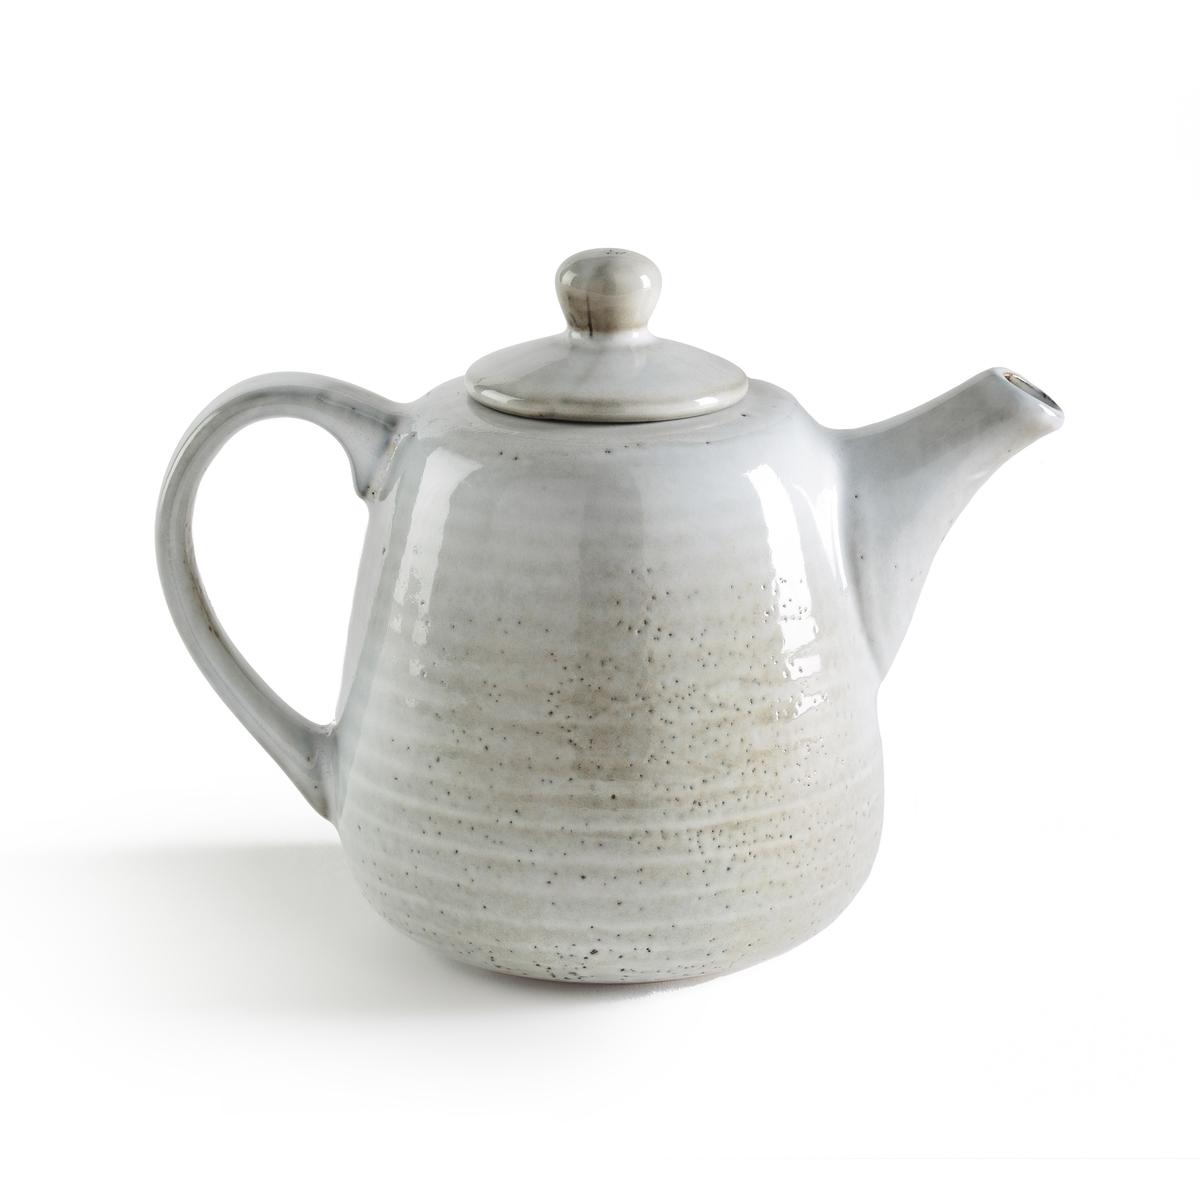 Чайник из керамики, AmedrasLa Redoute<br>Чайник Amedras. Чайник с рисунком в северном стиле синего цвета ручной работы, возможны небольшие различия в оттенках. Характеристики:- Из керамики, покрытой глазурью. - Мелкие и десертные тарелки, миски и чашки того же комплекта представлены на нашем сайте.    Размеры: - Ш18,5 x В11,5 x Г11 см.<br><br>Цвет: серо-синий